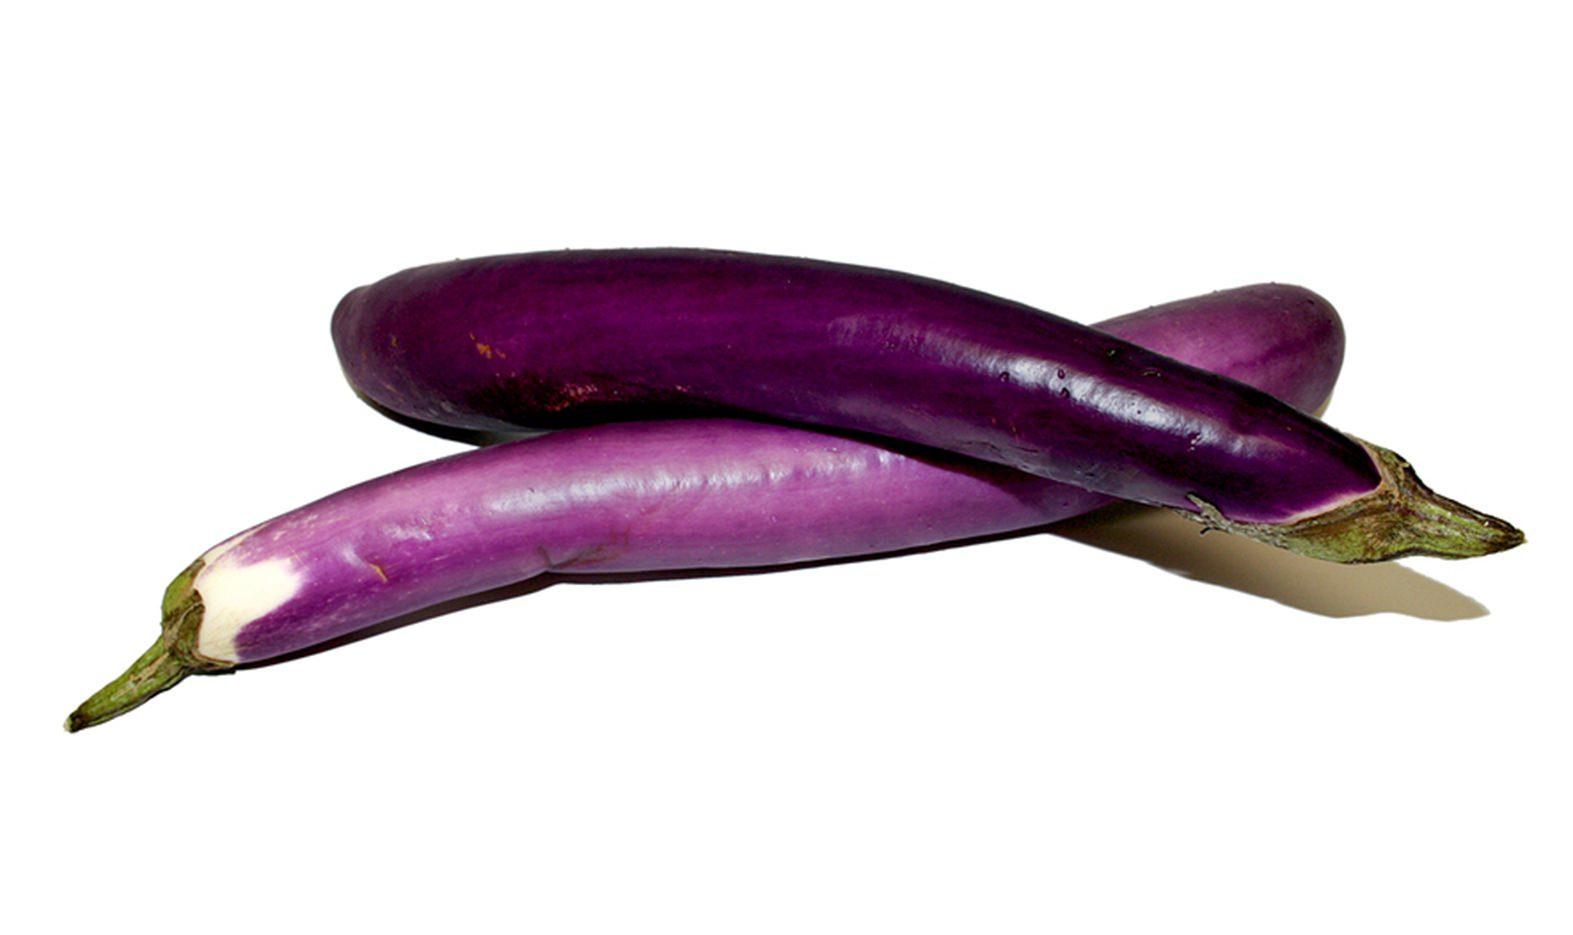 Chinese Eggplant Image